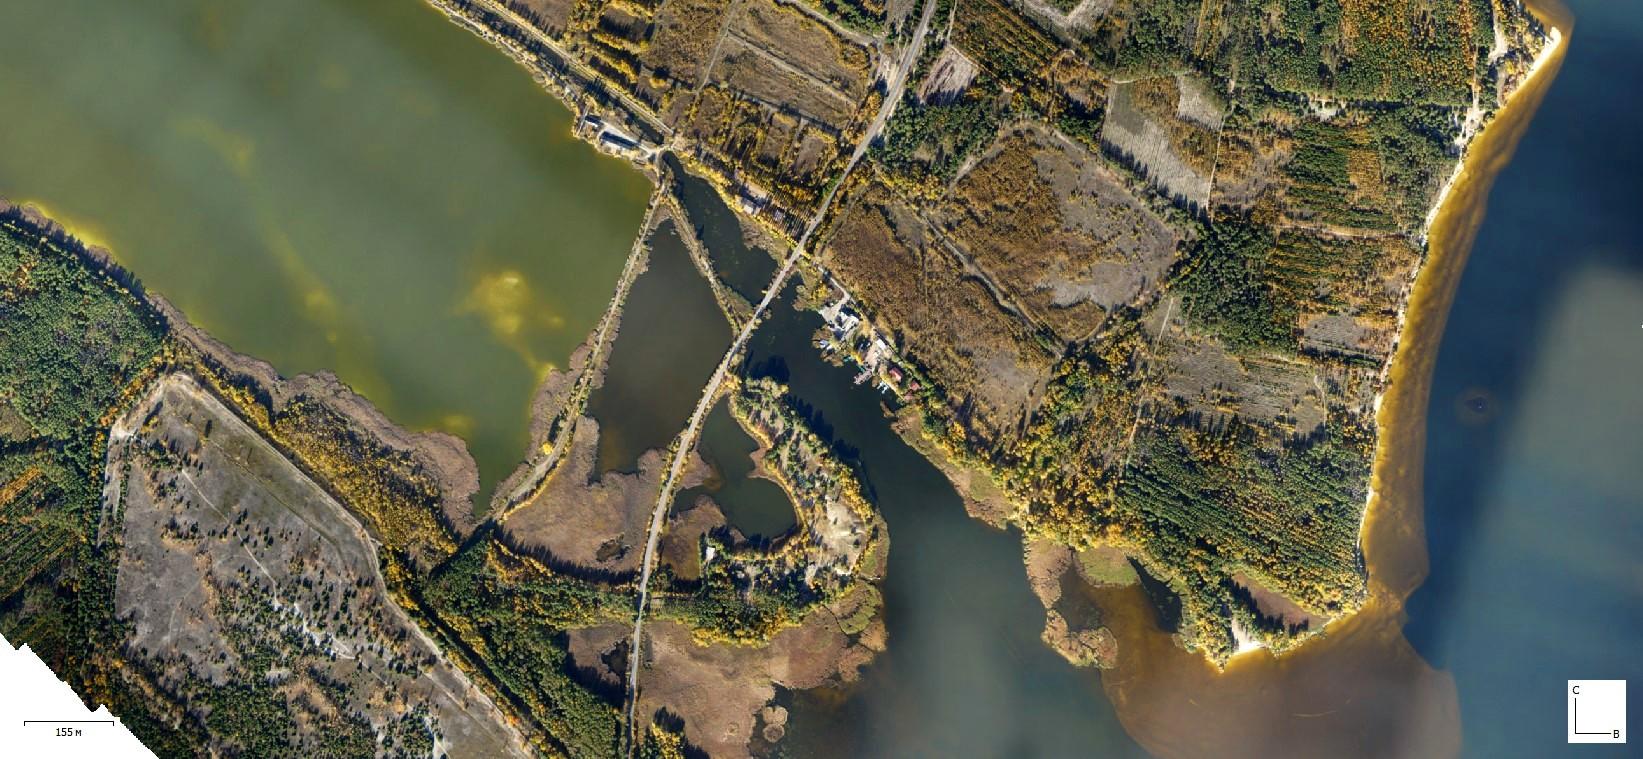 Держгідрографія провела ДЗЗ берегової лінії Київського водосховища